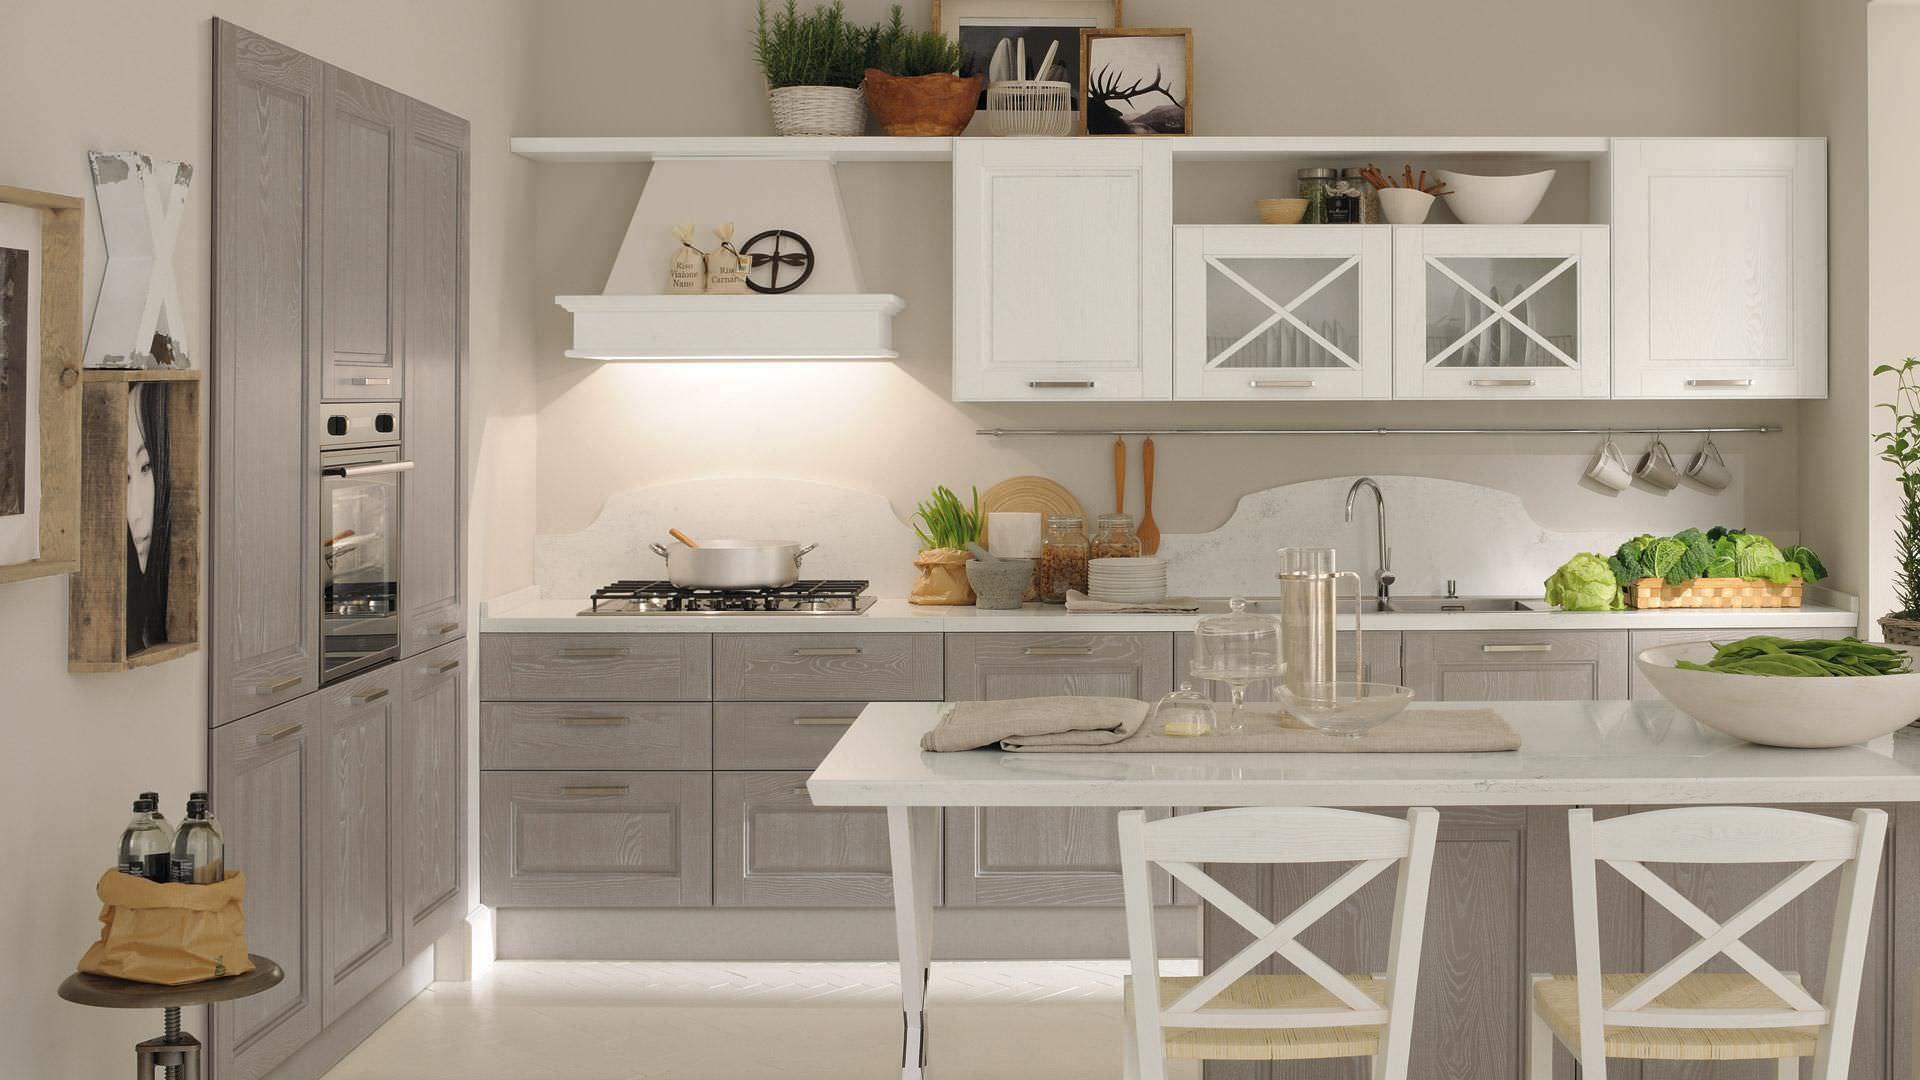 Cucina classica / in legno - AGNESE - CUCINE LUBE